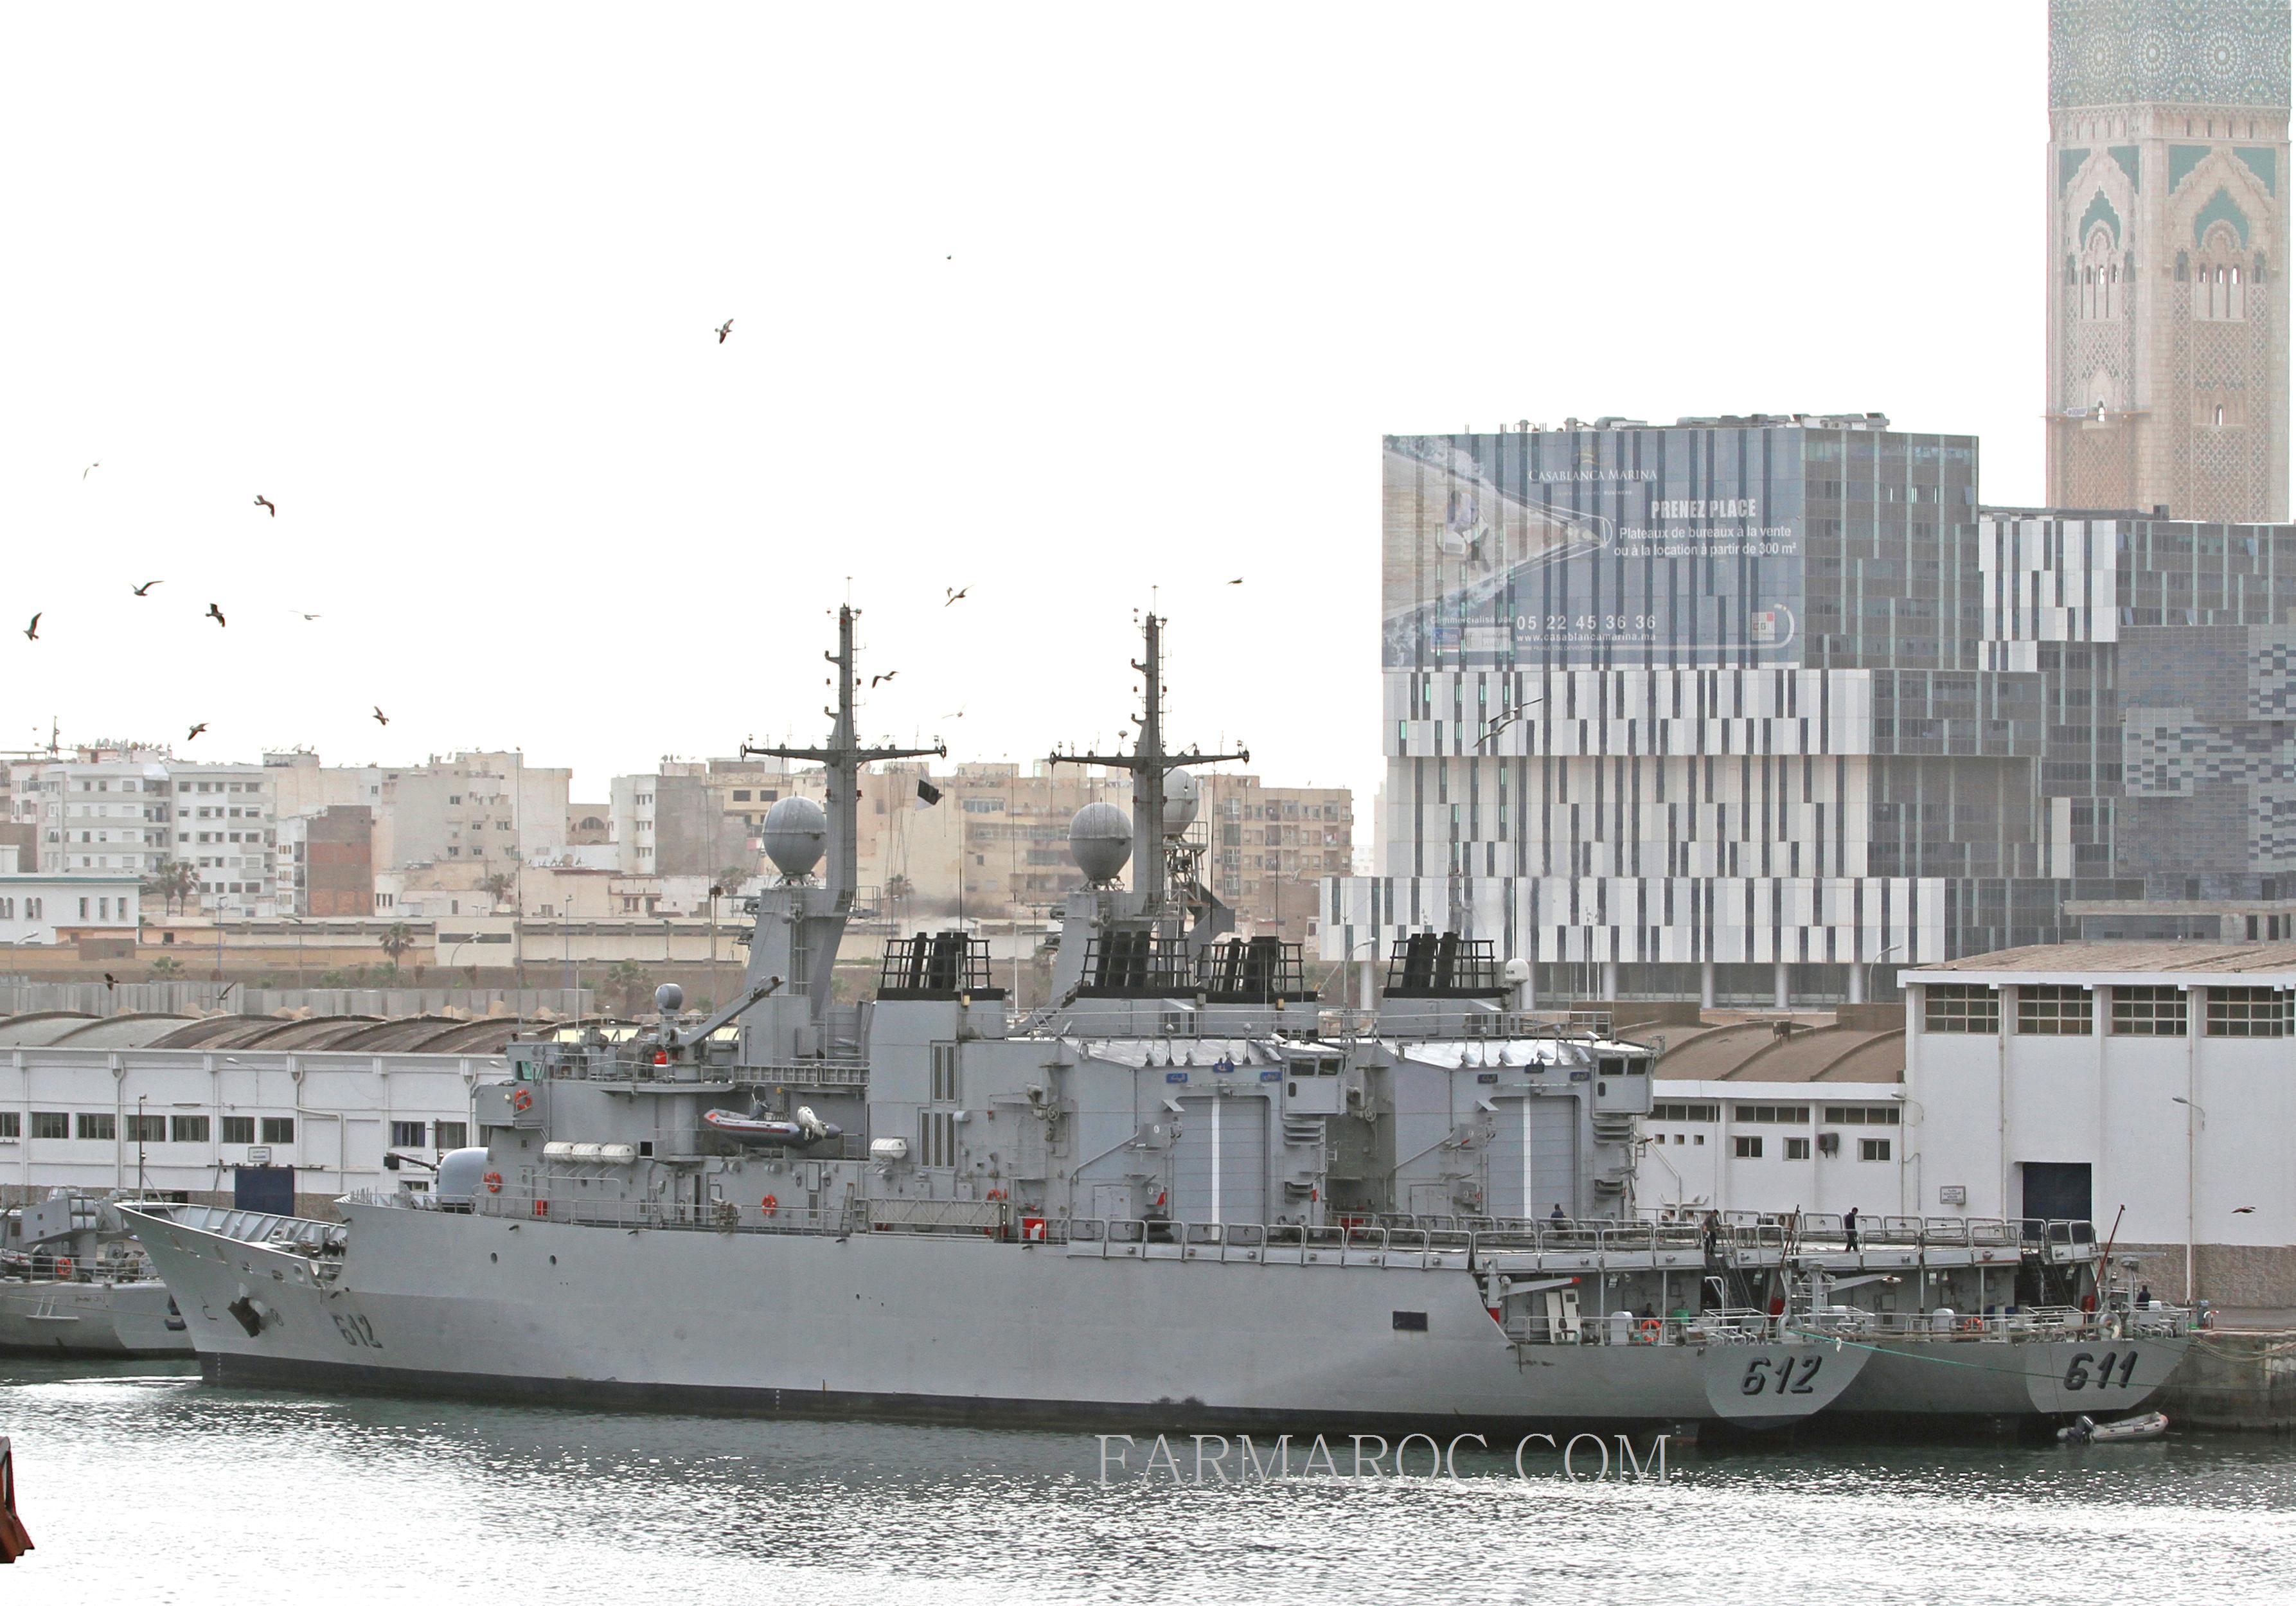 البحرية الملكية المغربية -شامل- - صفحة 11 23554114199733596301522354eo1